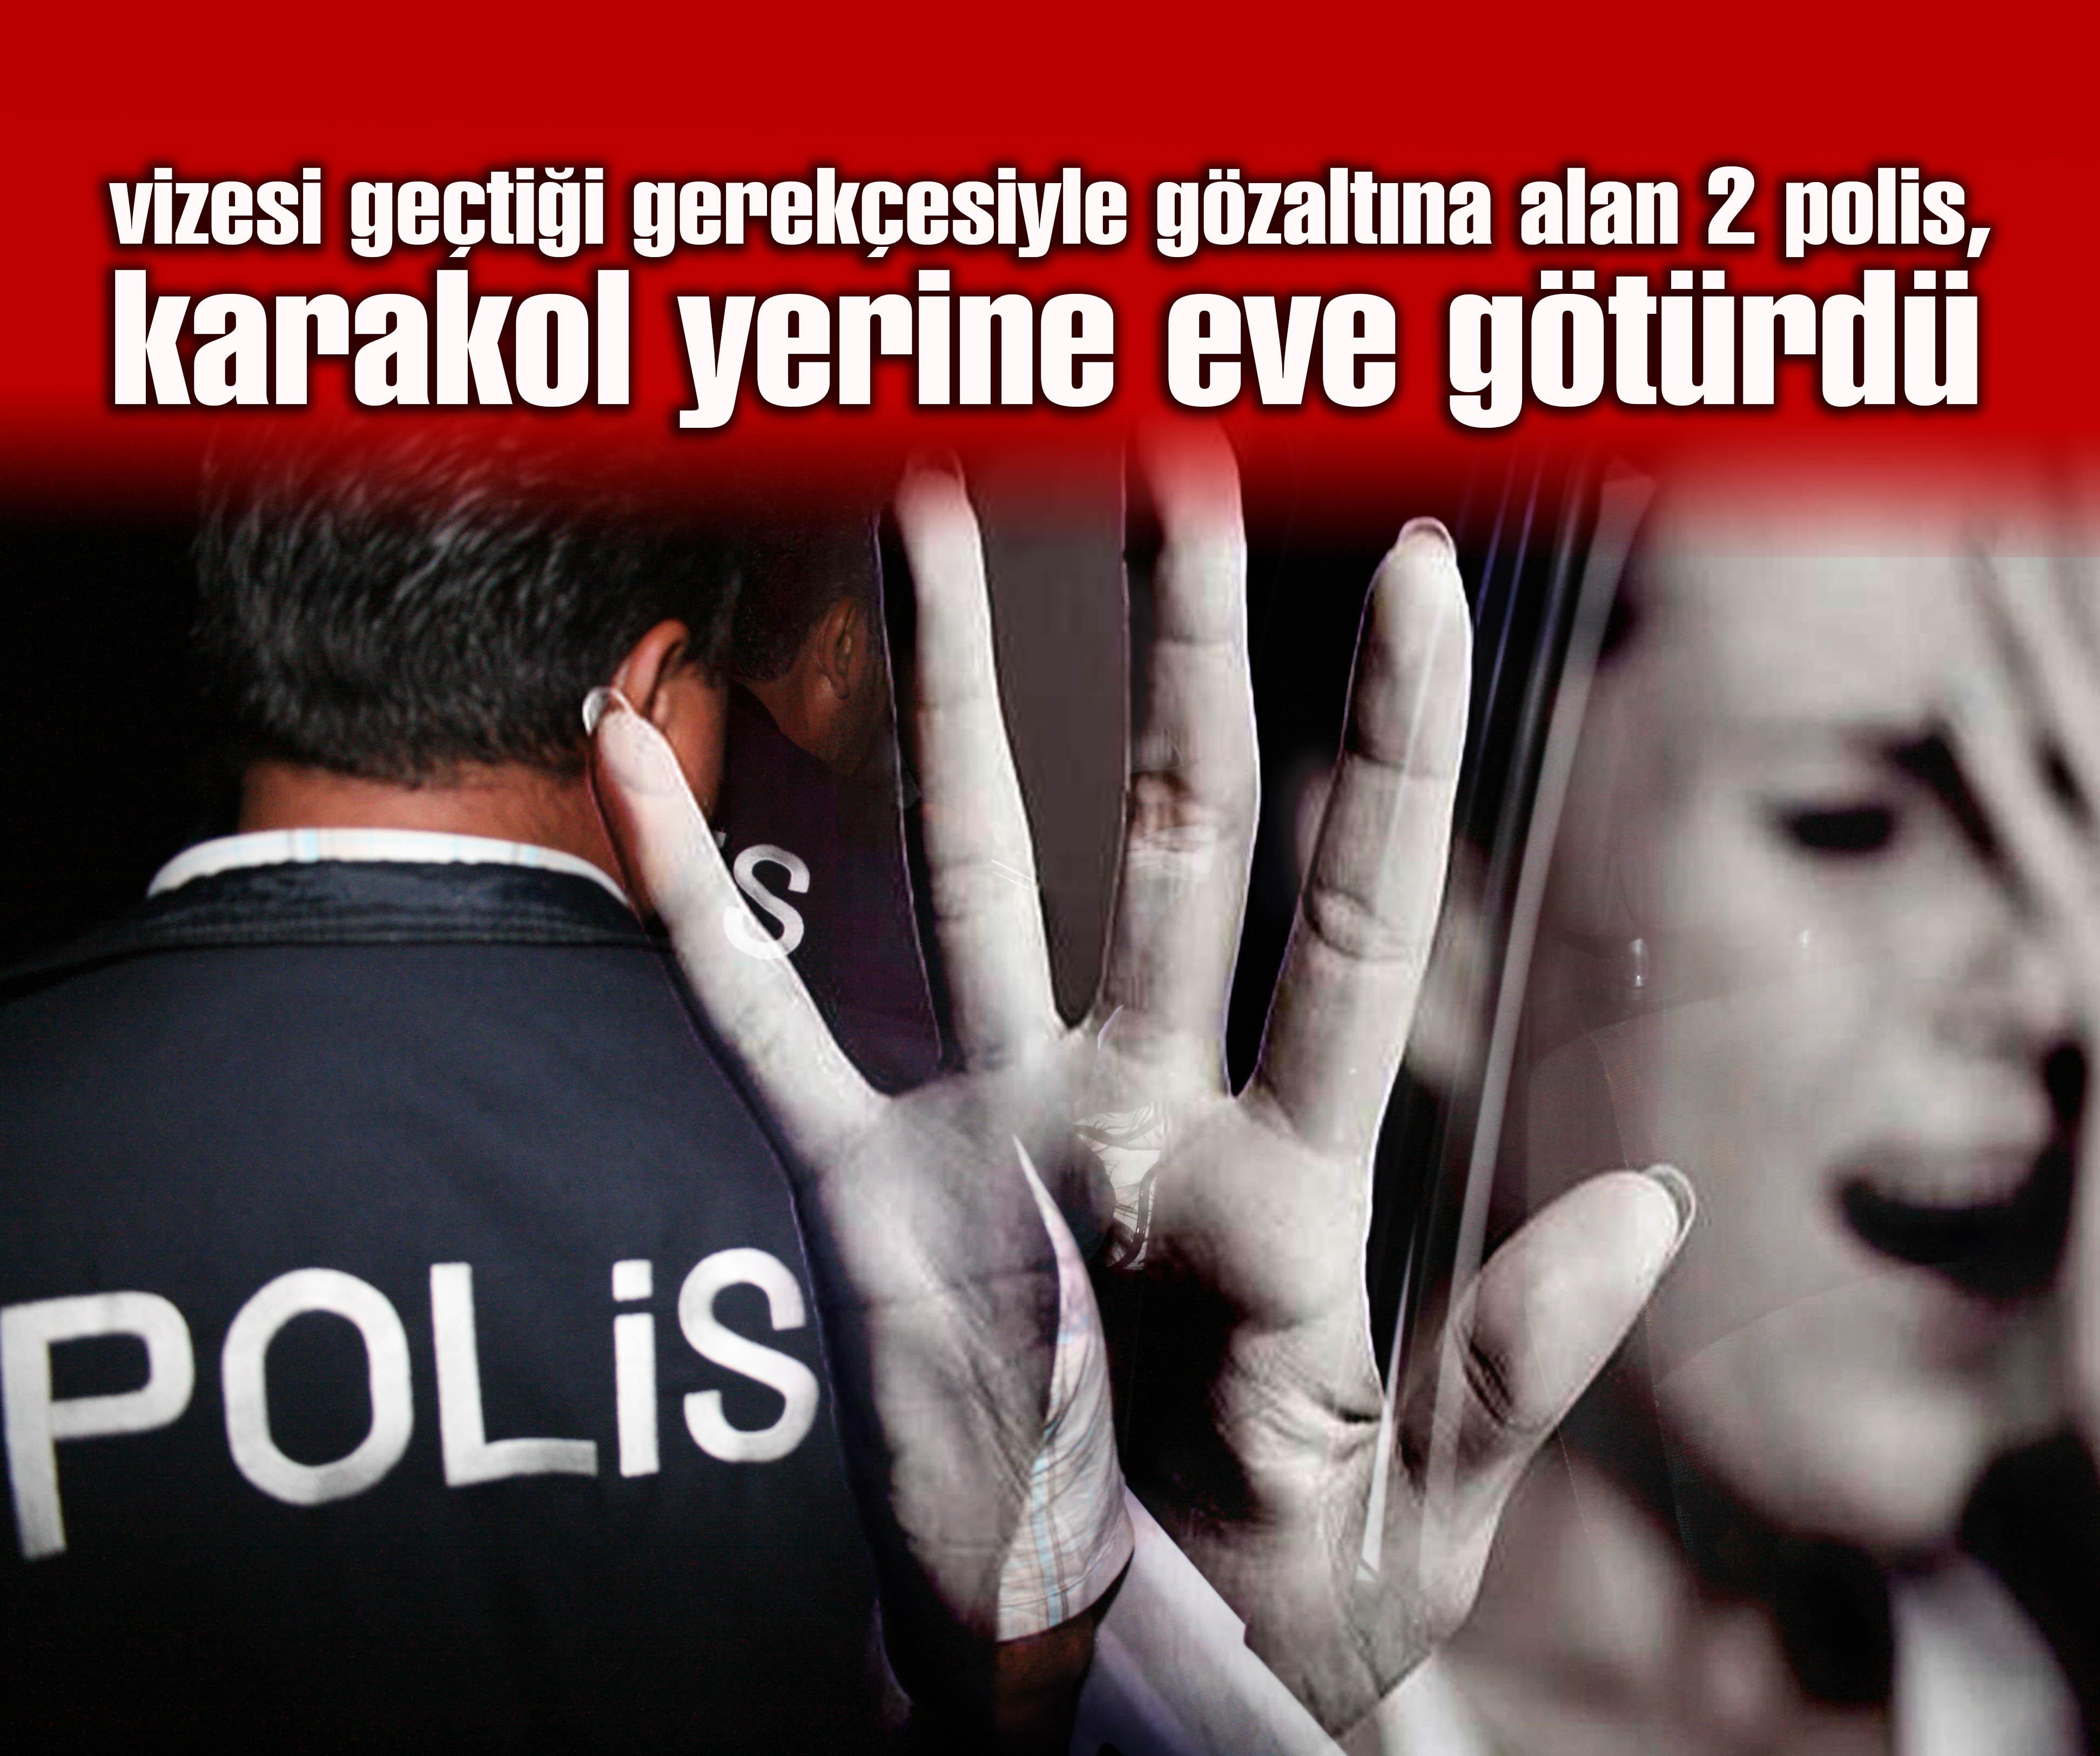 Polisten cinsel saldırı!